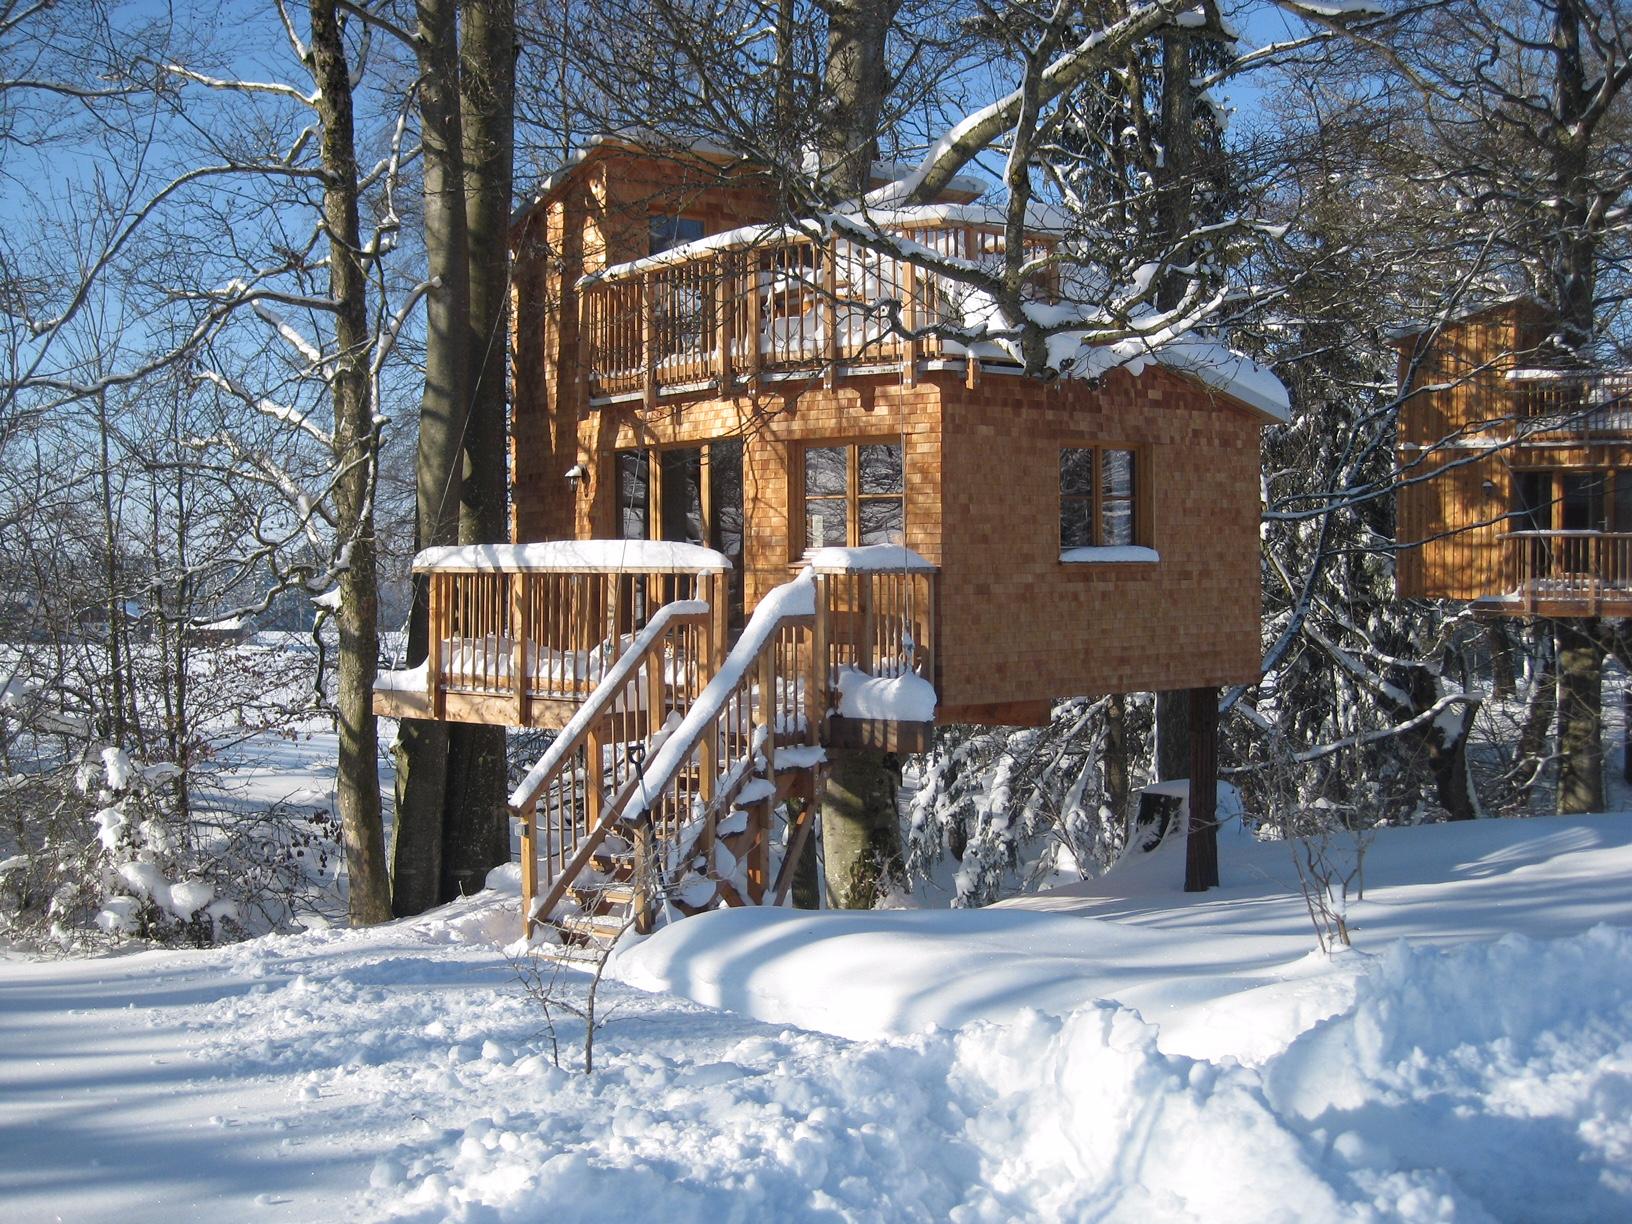 Baumhaushotel Im Allgau Ein Bauernhof Erlebnis Fur Kinder Und Eltern